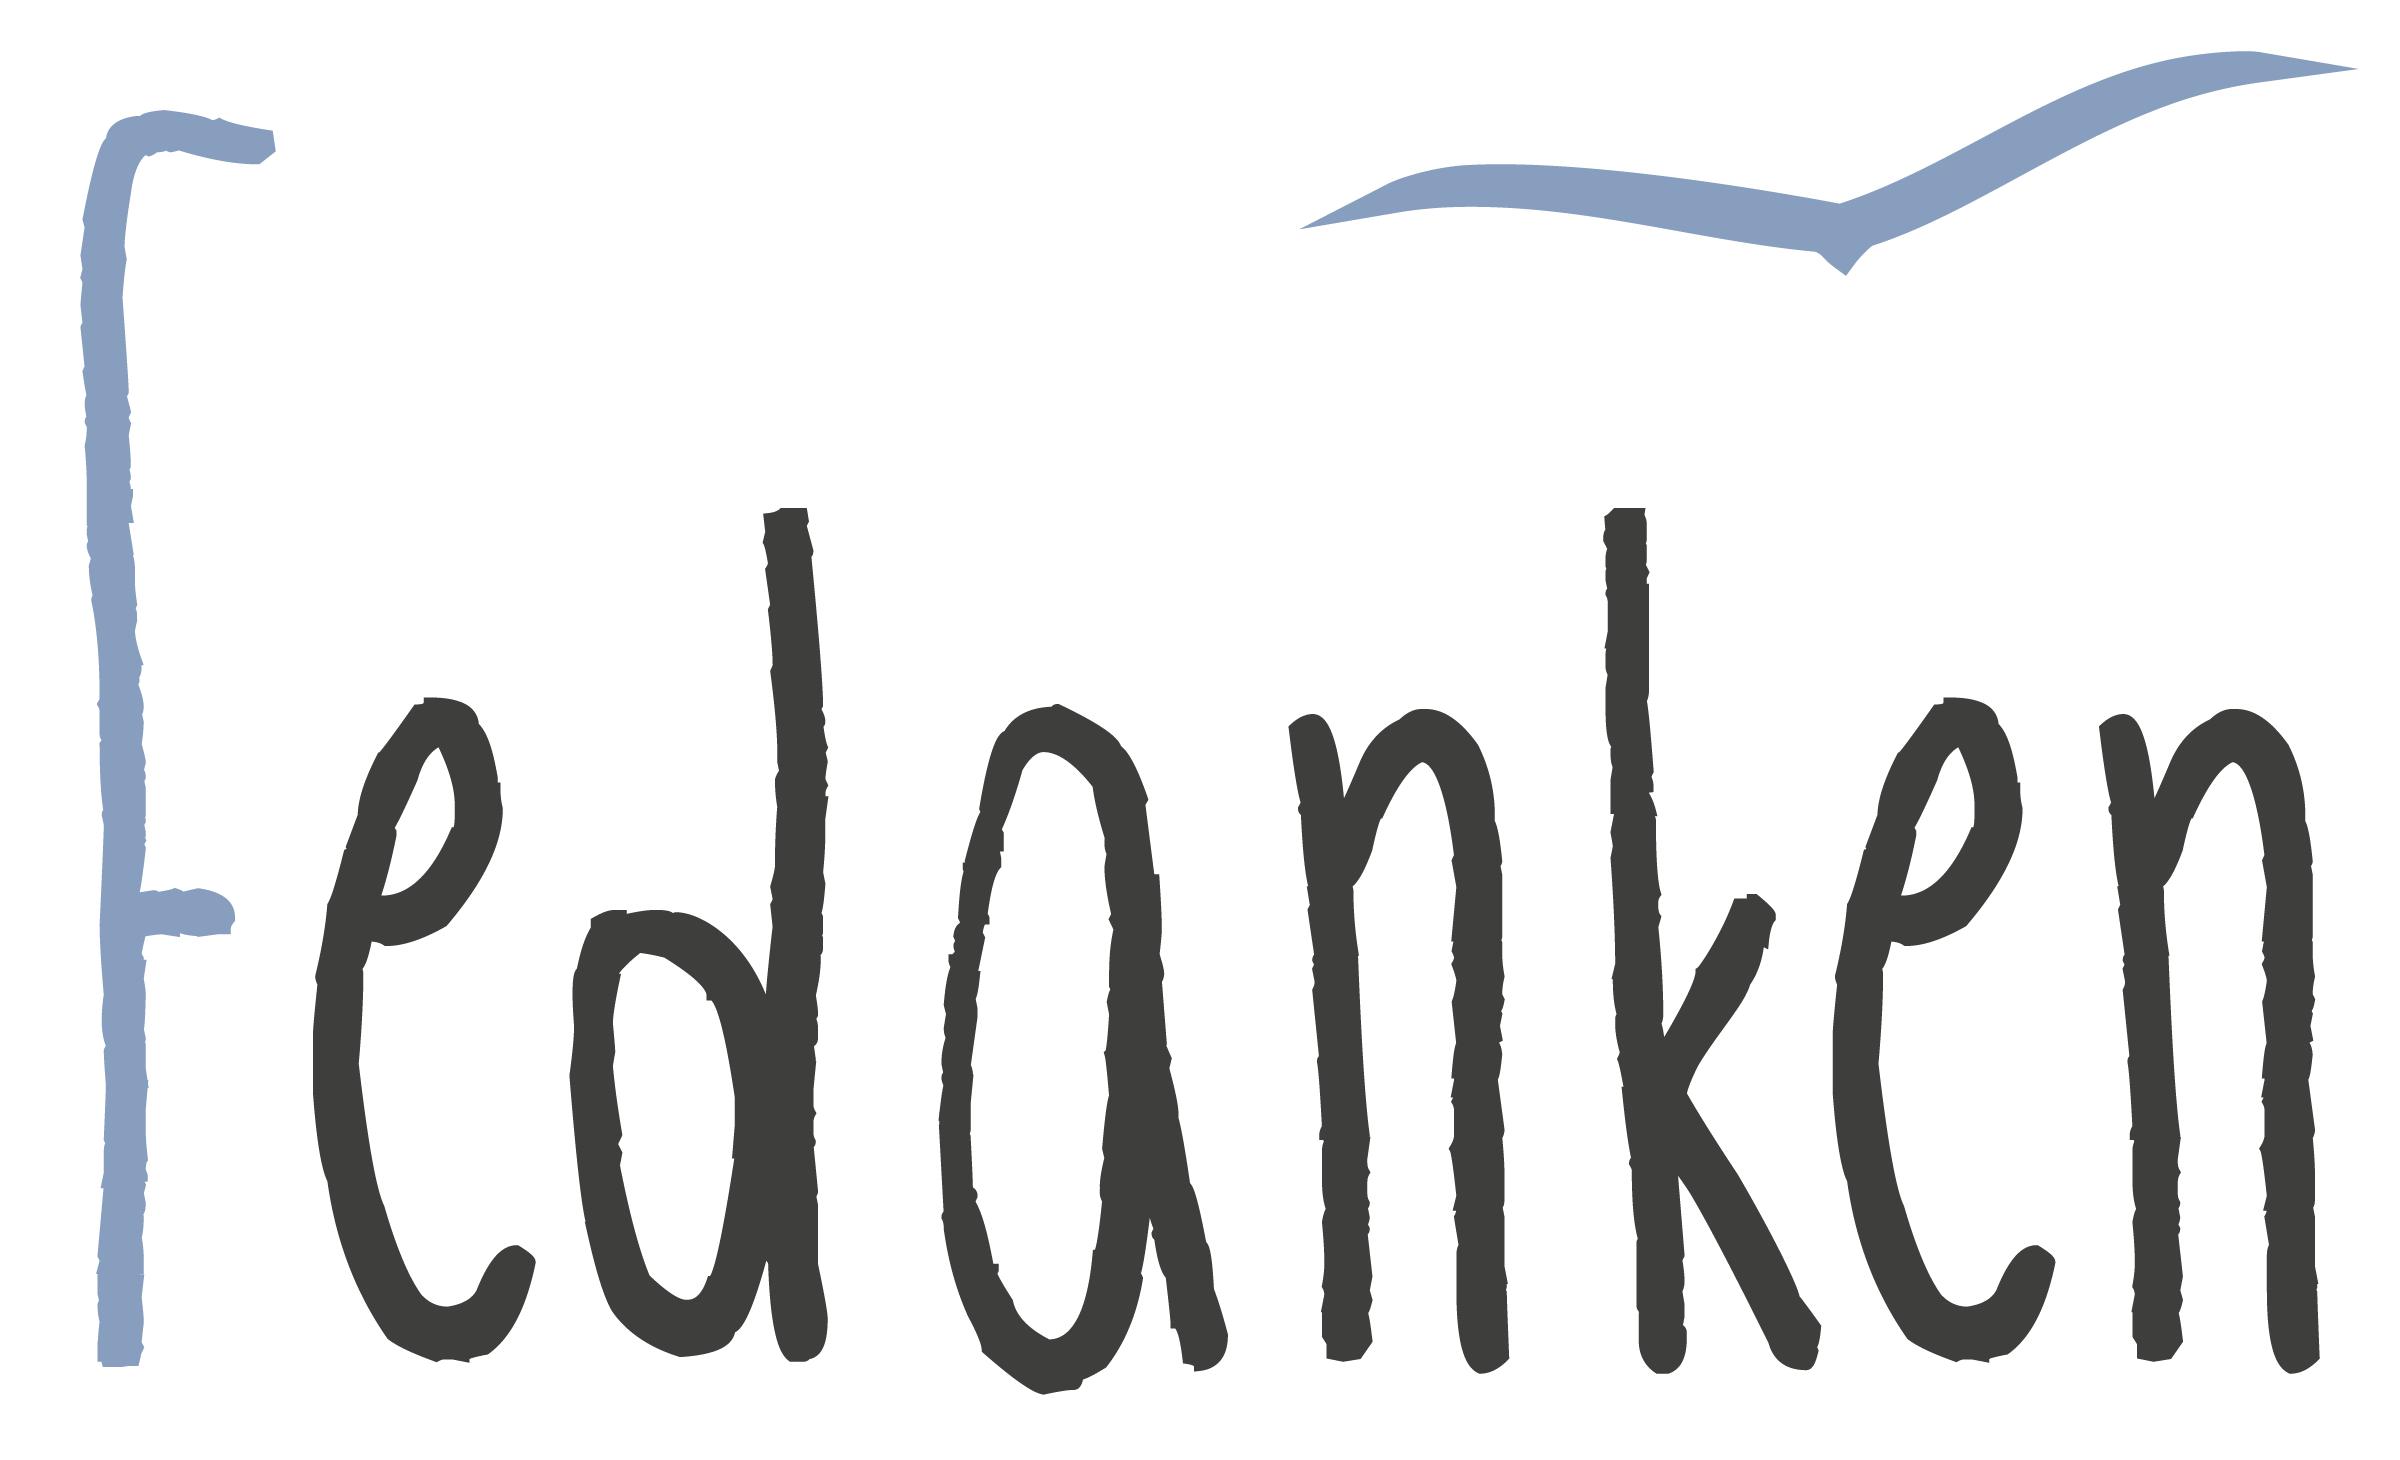 Logo Fedanken I graphit-d